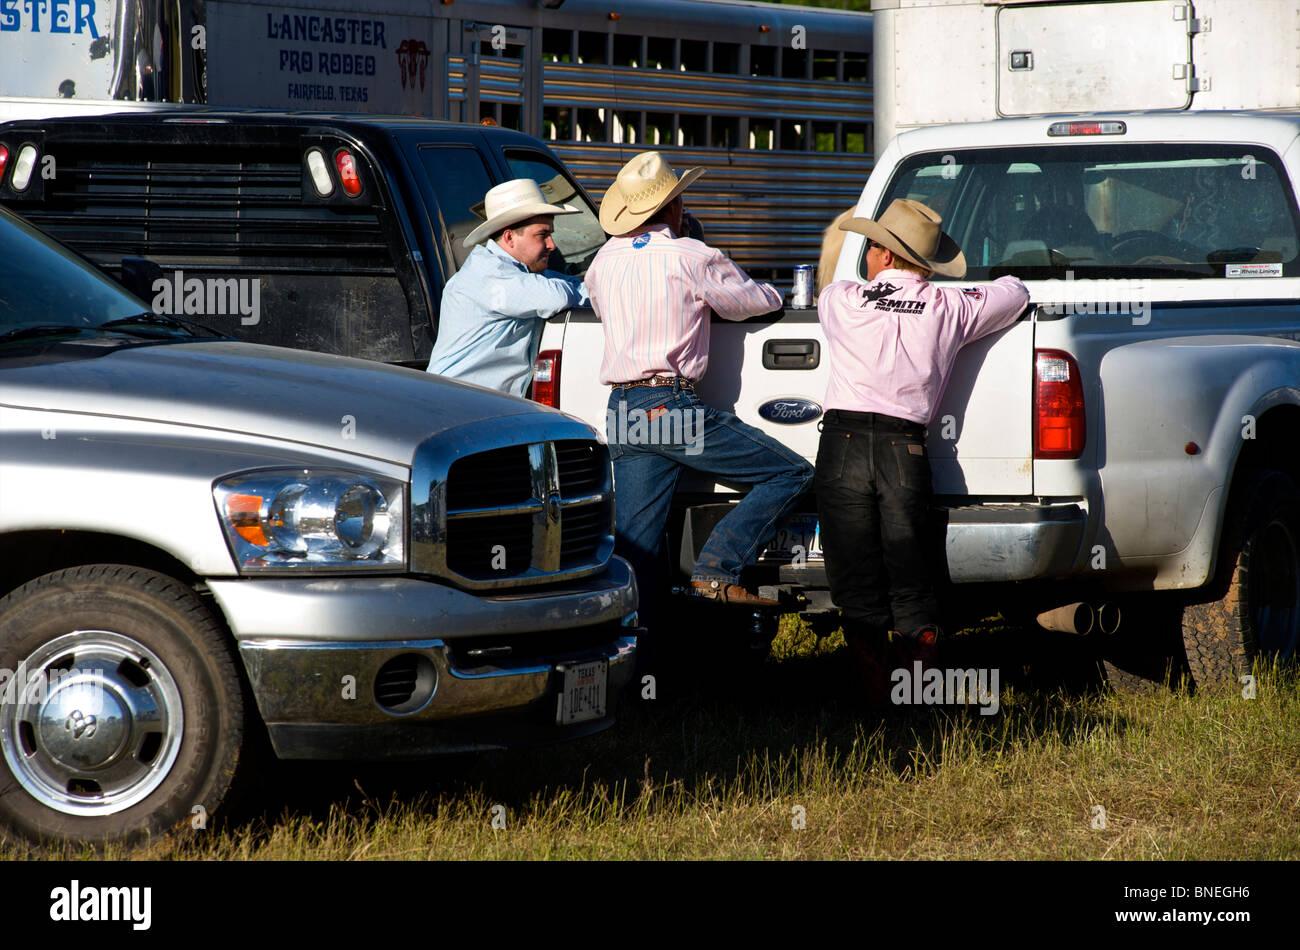 Les membres de l'érythroblastopénie Cowboy rodeo réunis pour évènement à Bridgeport, Connecticut, USA Banque D'Images